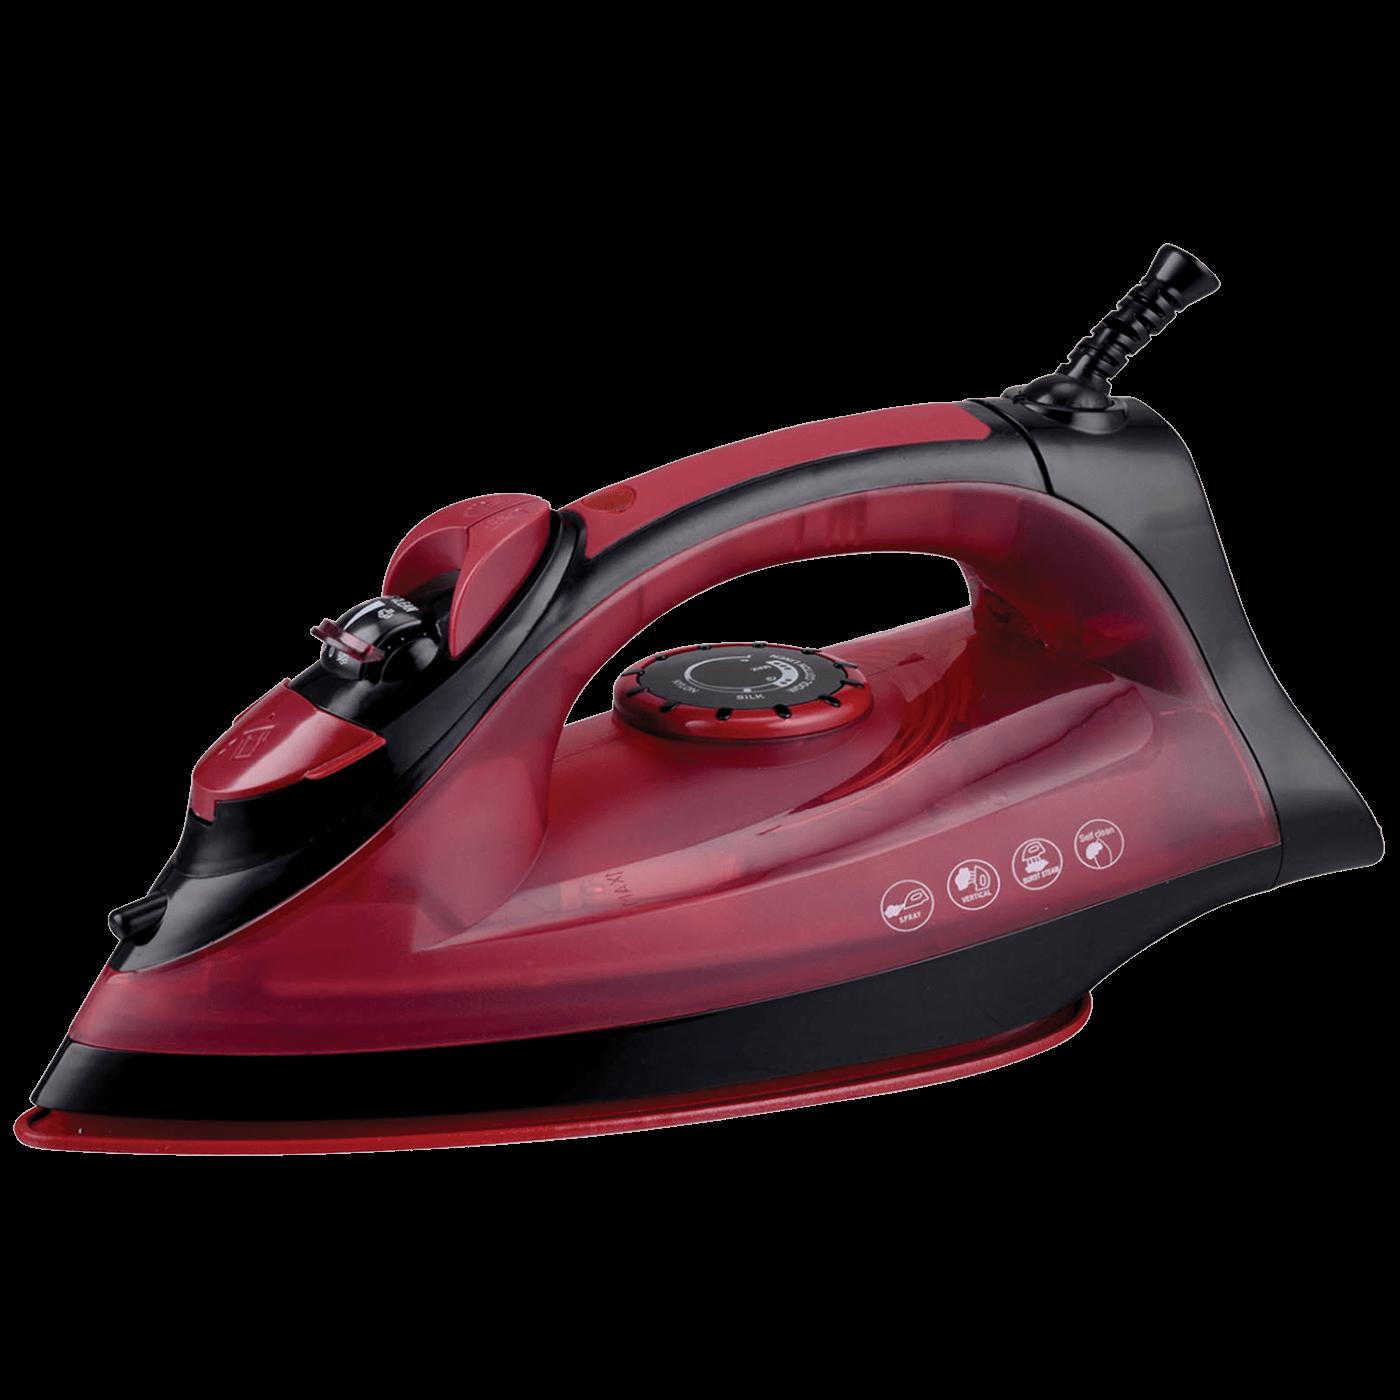 Pegla na paru, 2200 W, Anticalc And Drip, crveno/crna